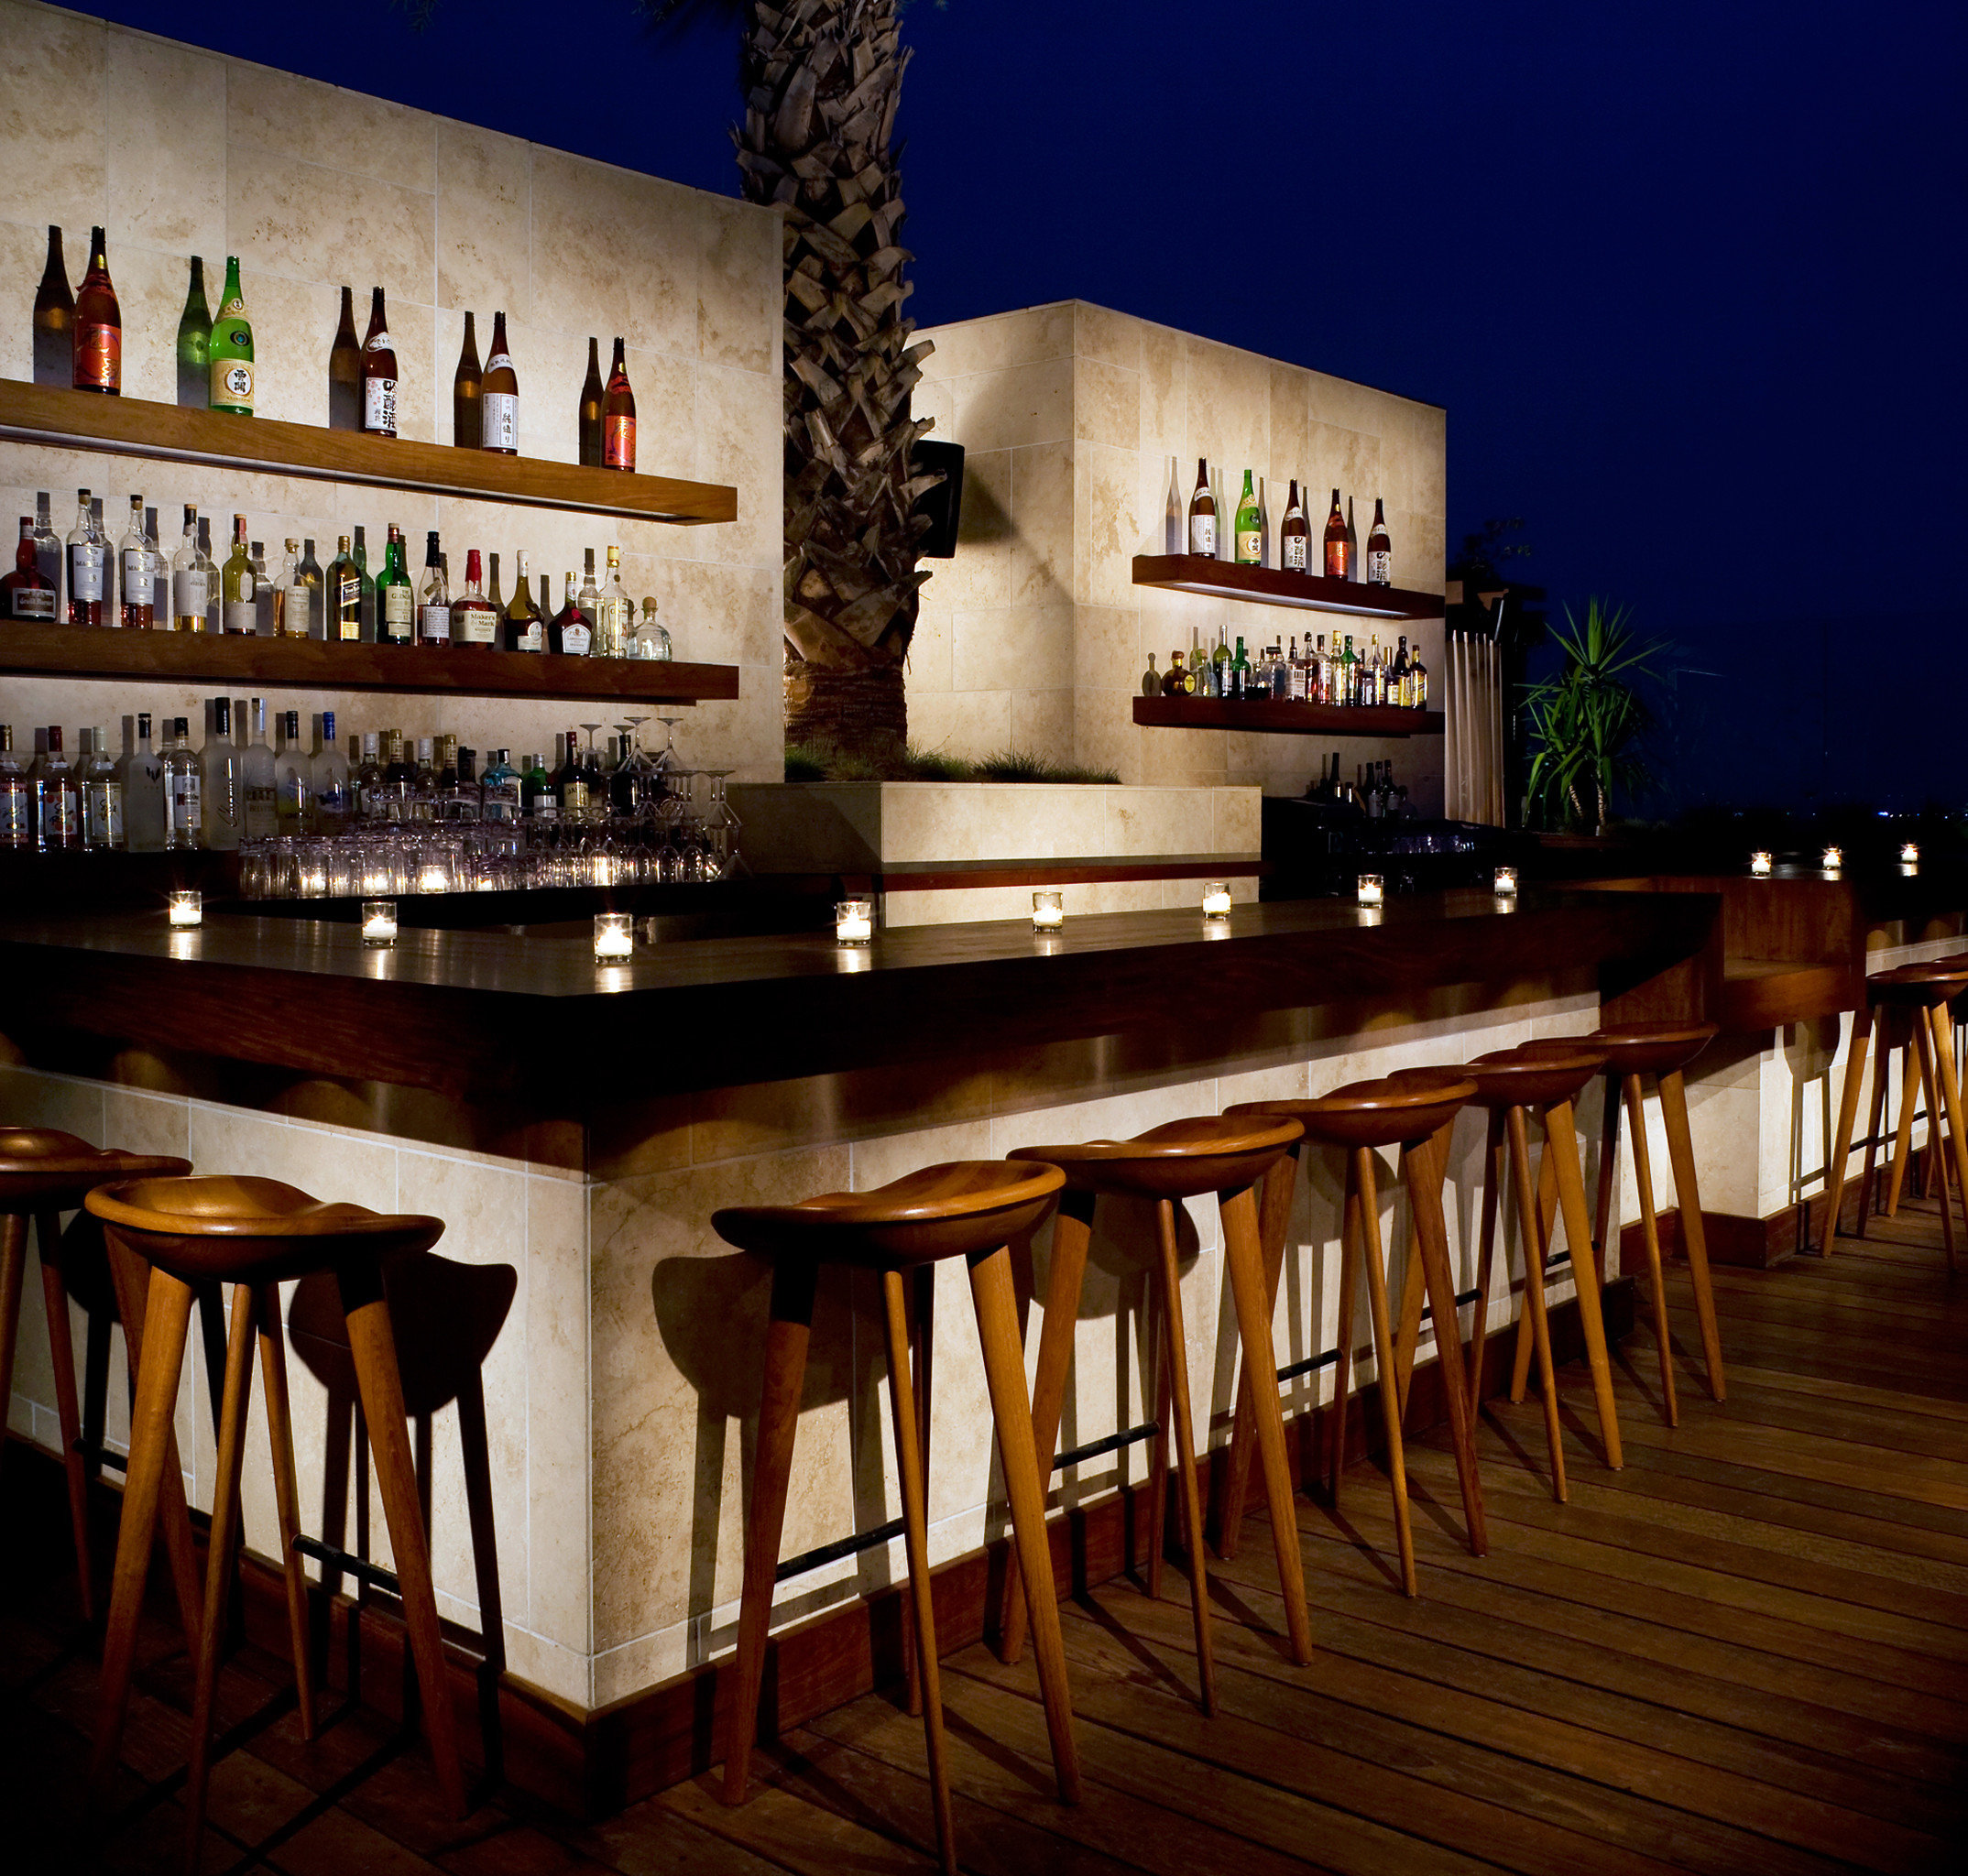 Bar Drink Hip Modern Nightlife Party restaurant night lighting Resort lined